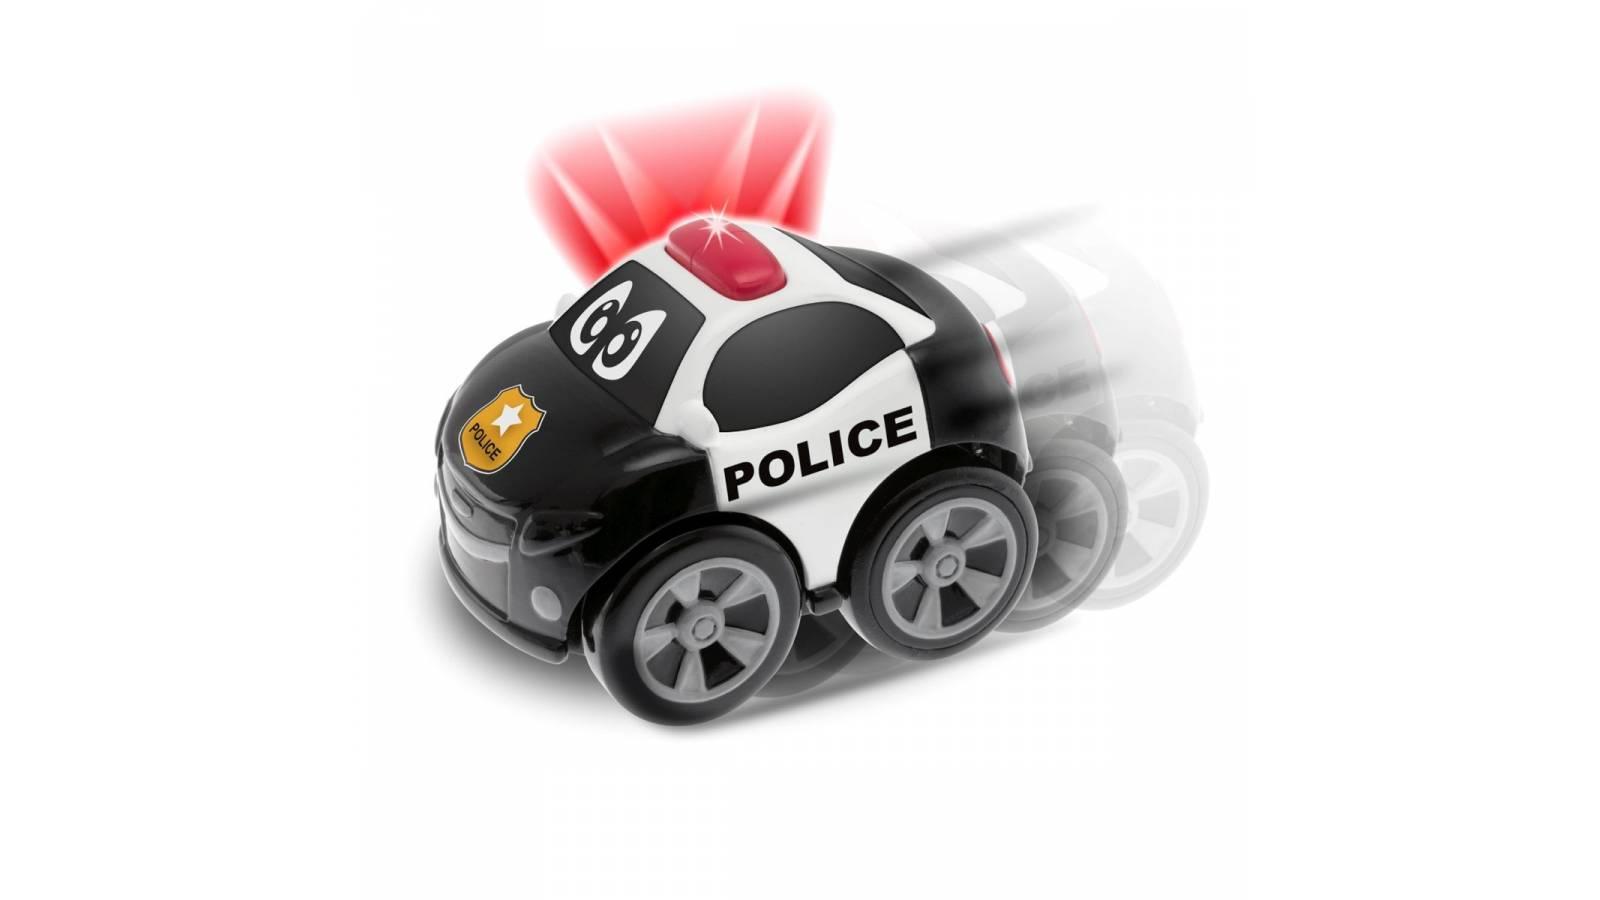 TURBO TEAM POLICÍA